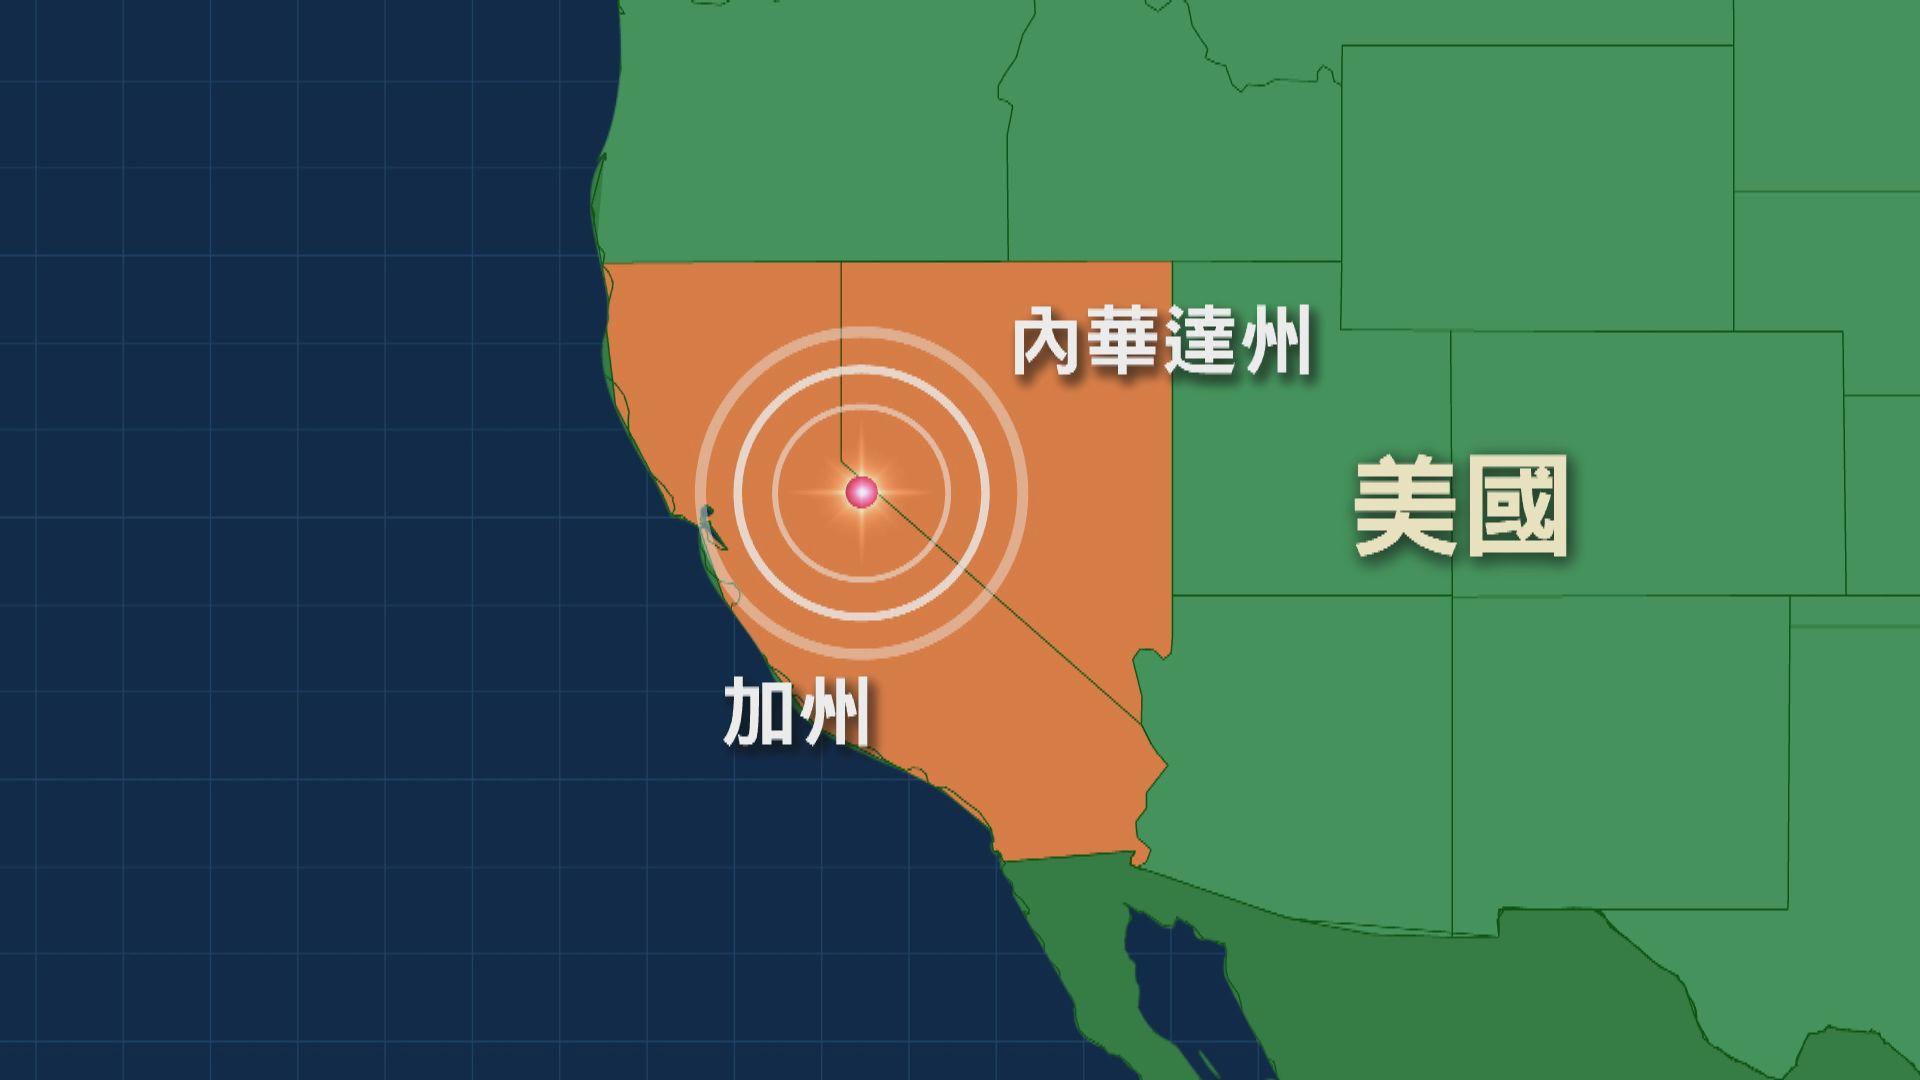 美國加州中部發生5.9級地震 暫未有傷亡報告